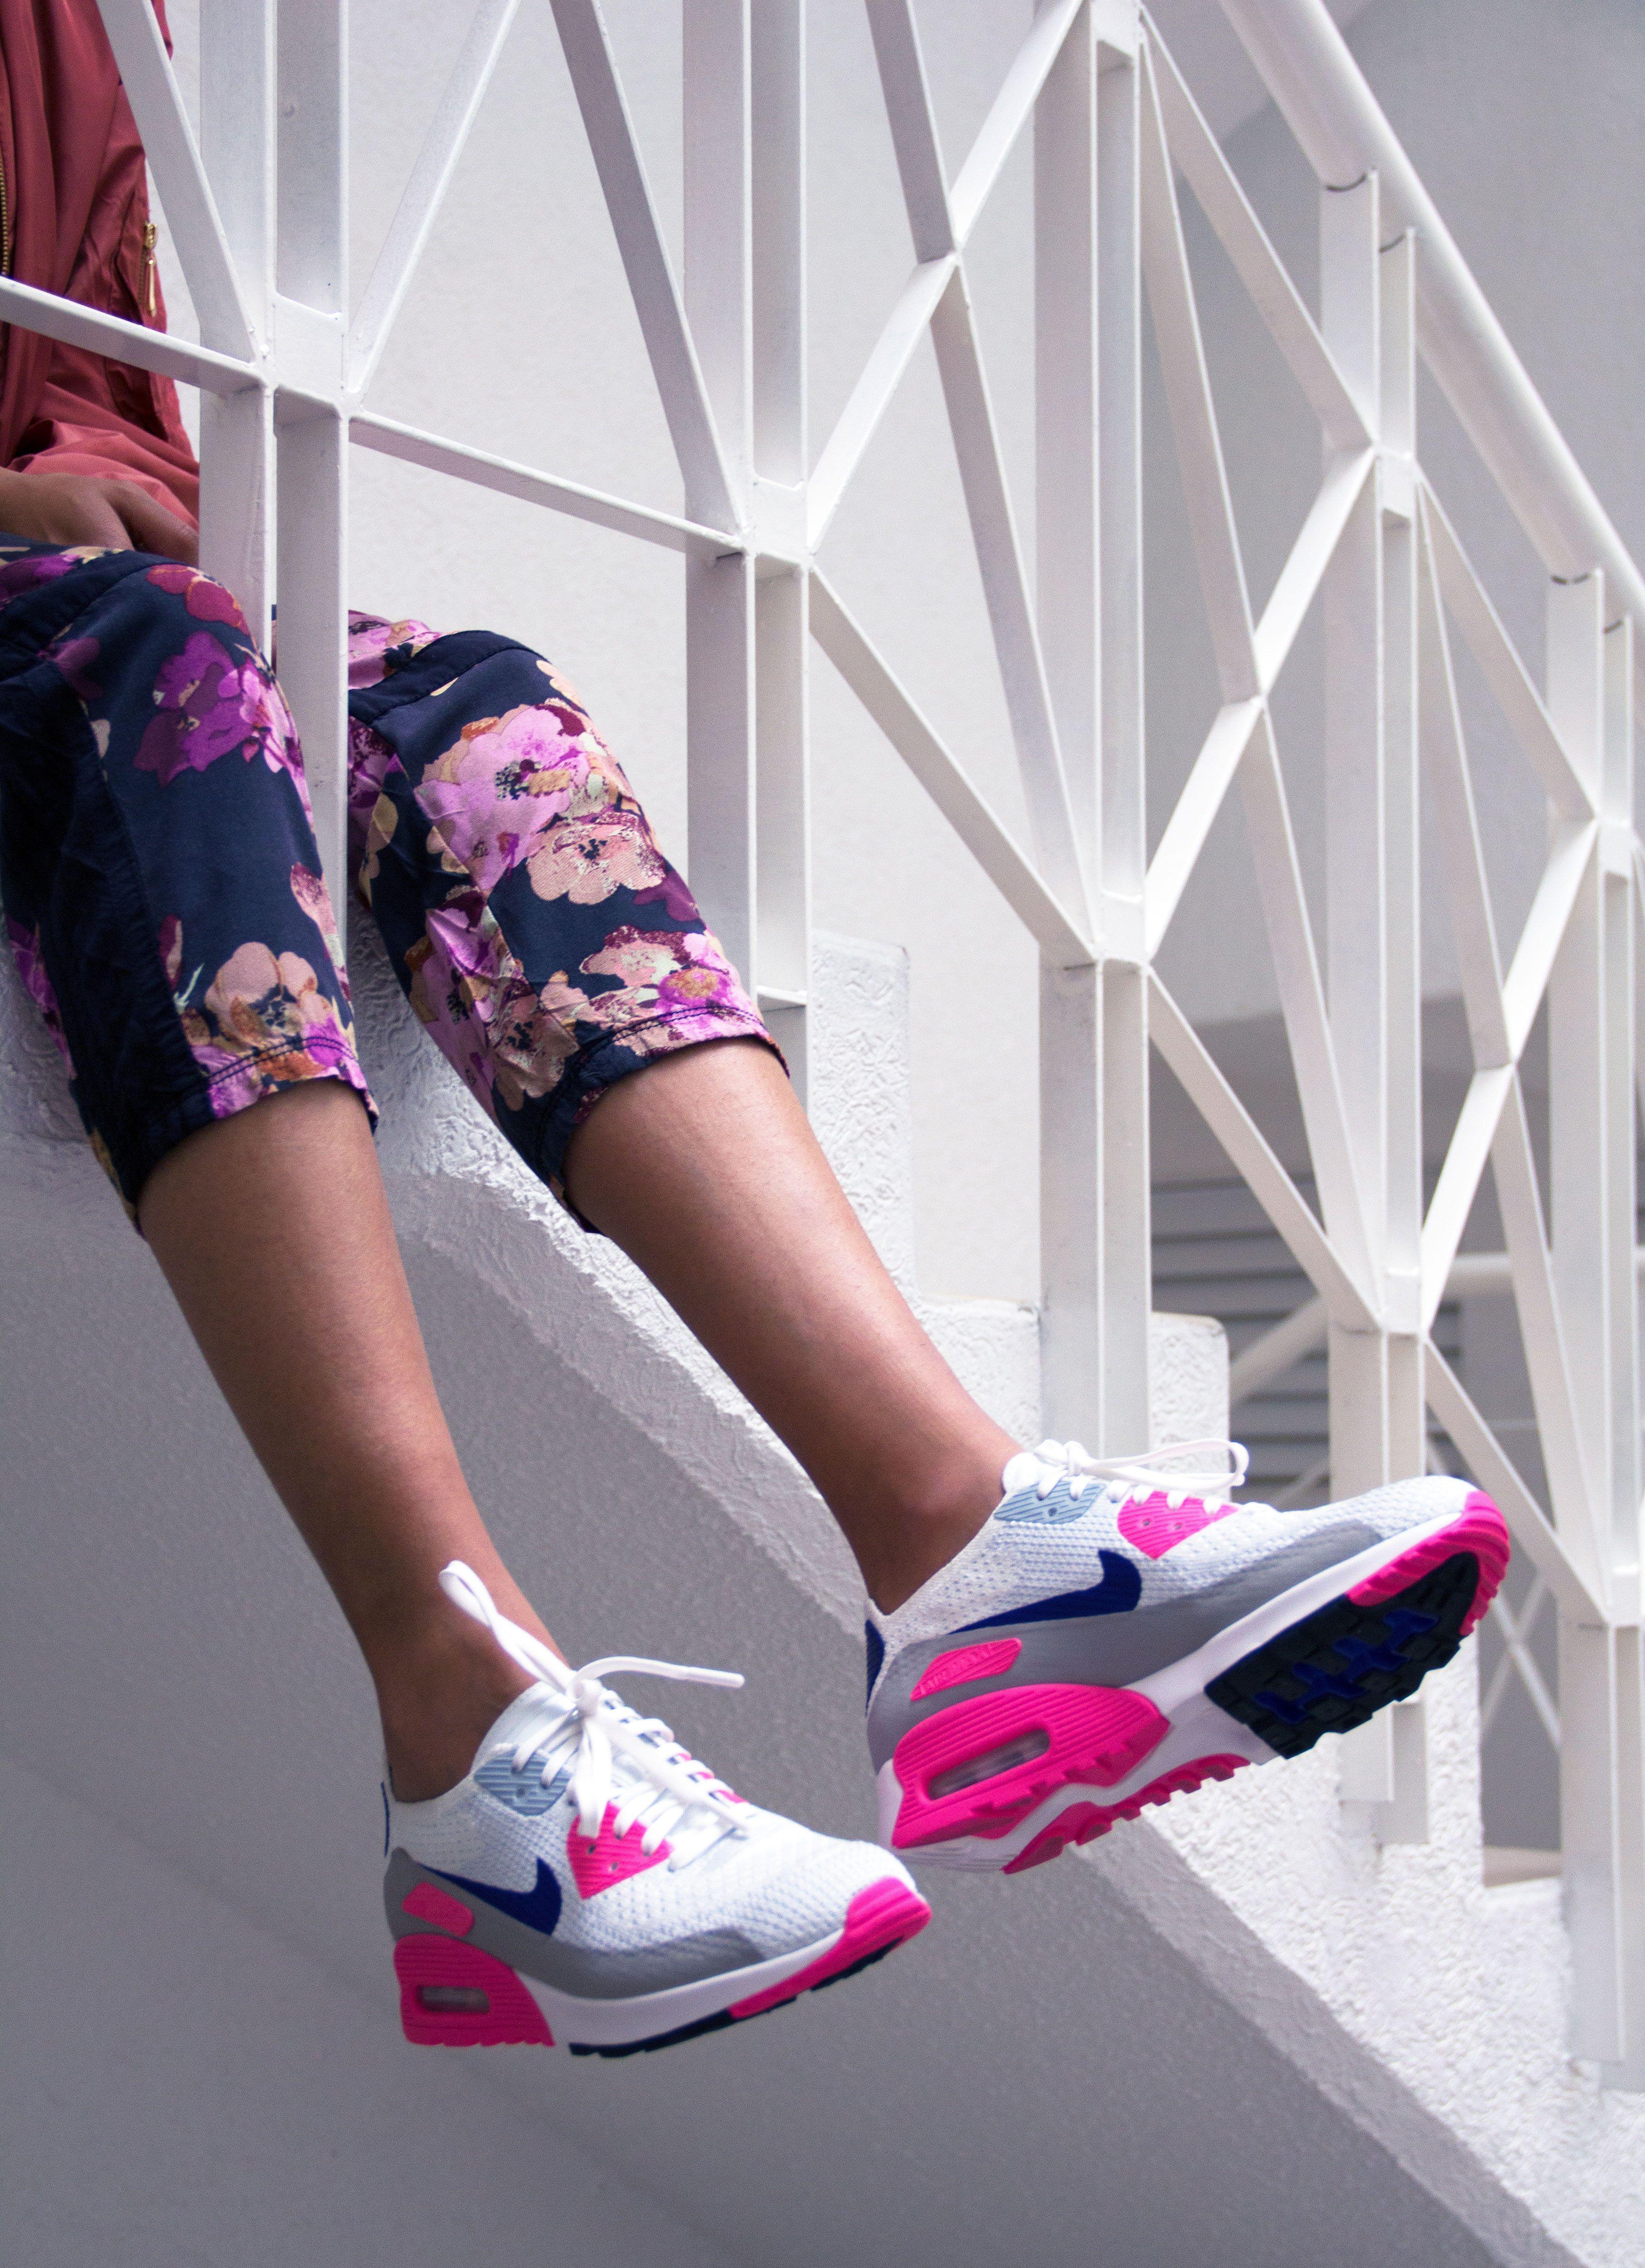 big sale ed0f1 2c4ca Pantalones de flores y tenis blancos con detalles en rosa y morado, una  combinación ganadora